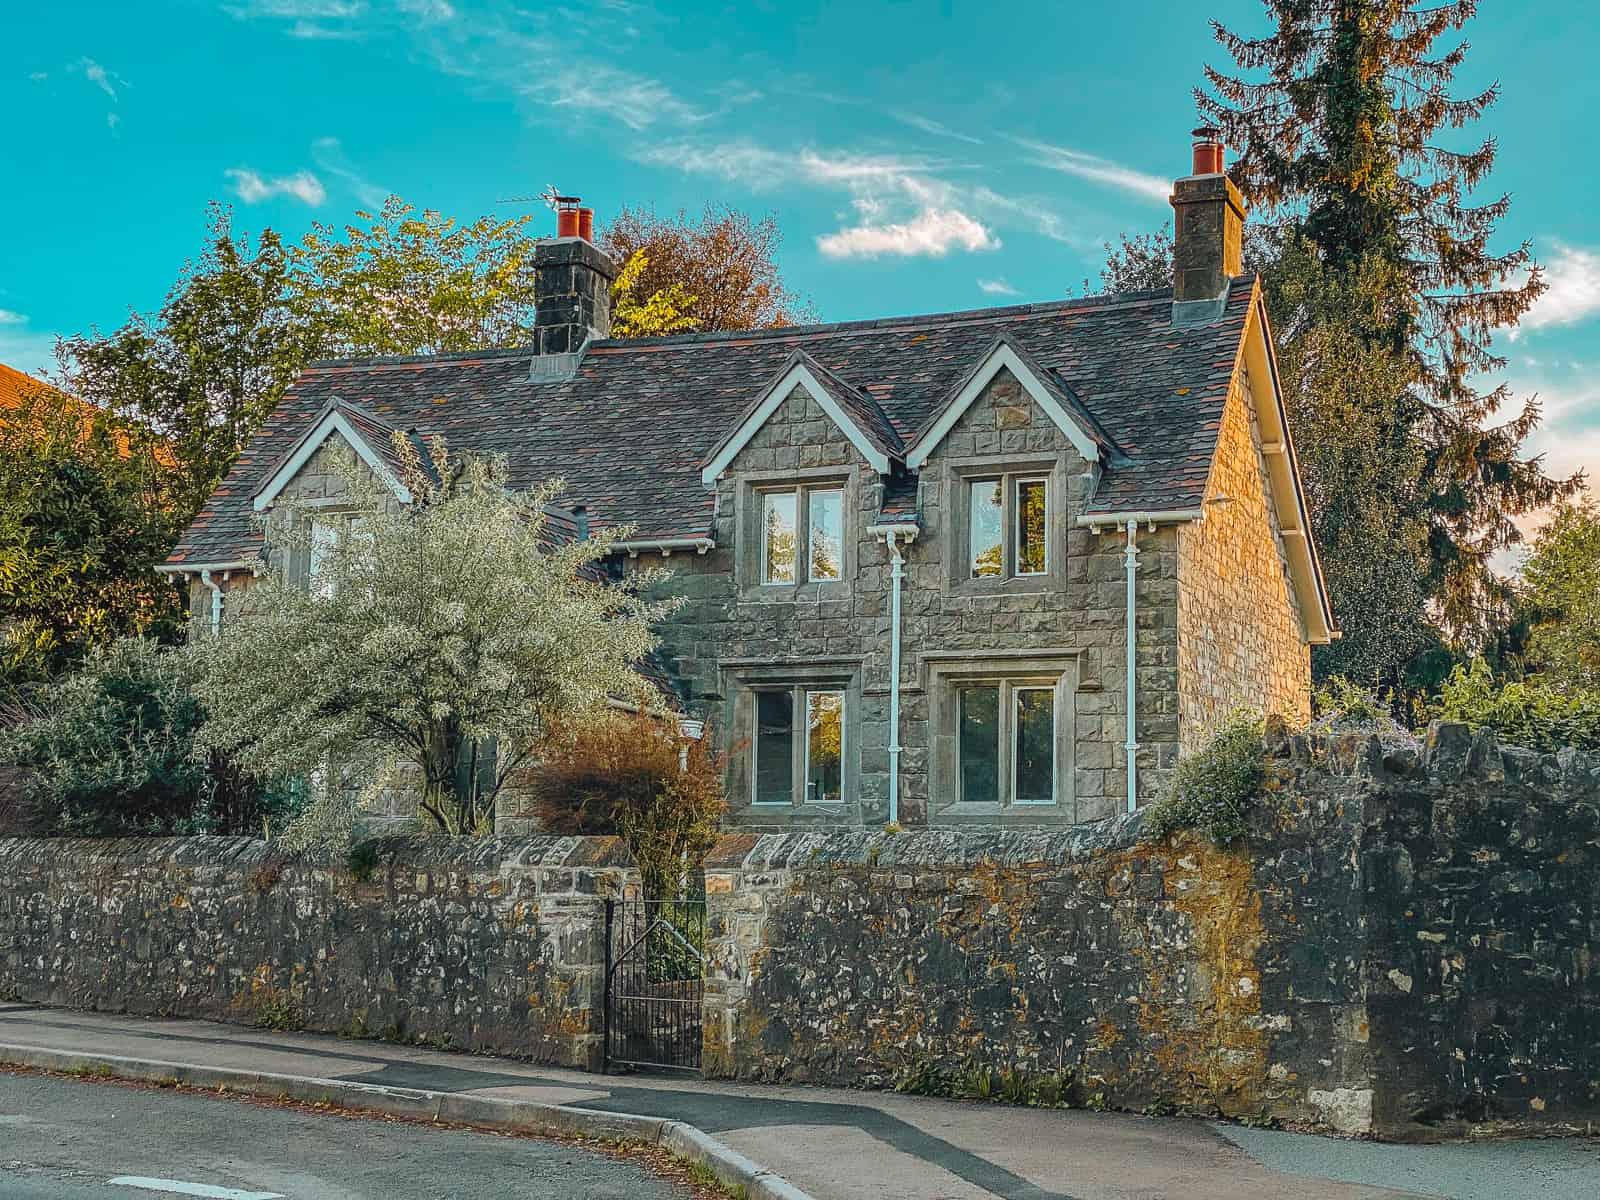 Church Cottage Tutshill Harry Potter Tutshill Tornados Quidditch Town